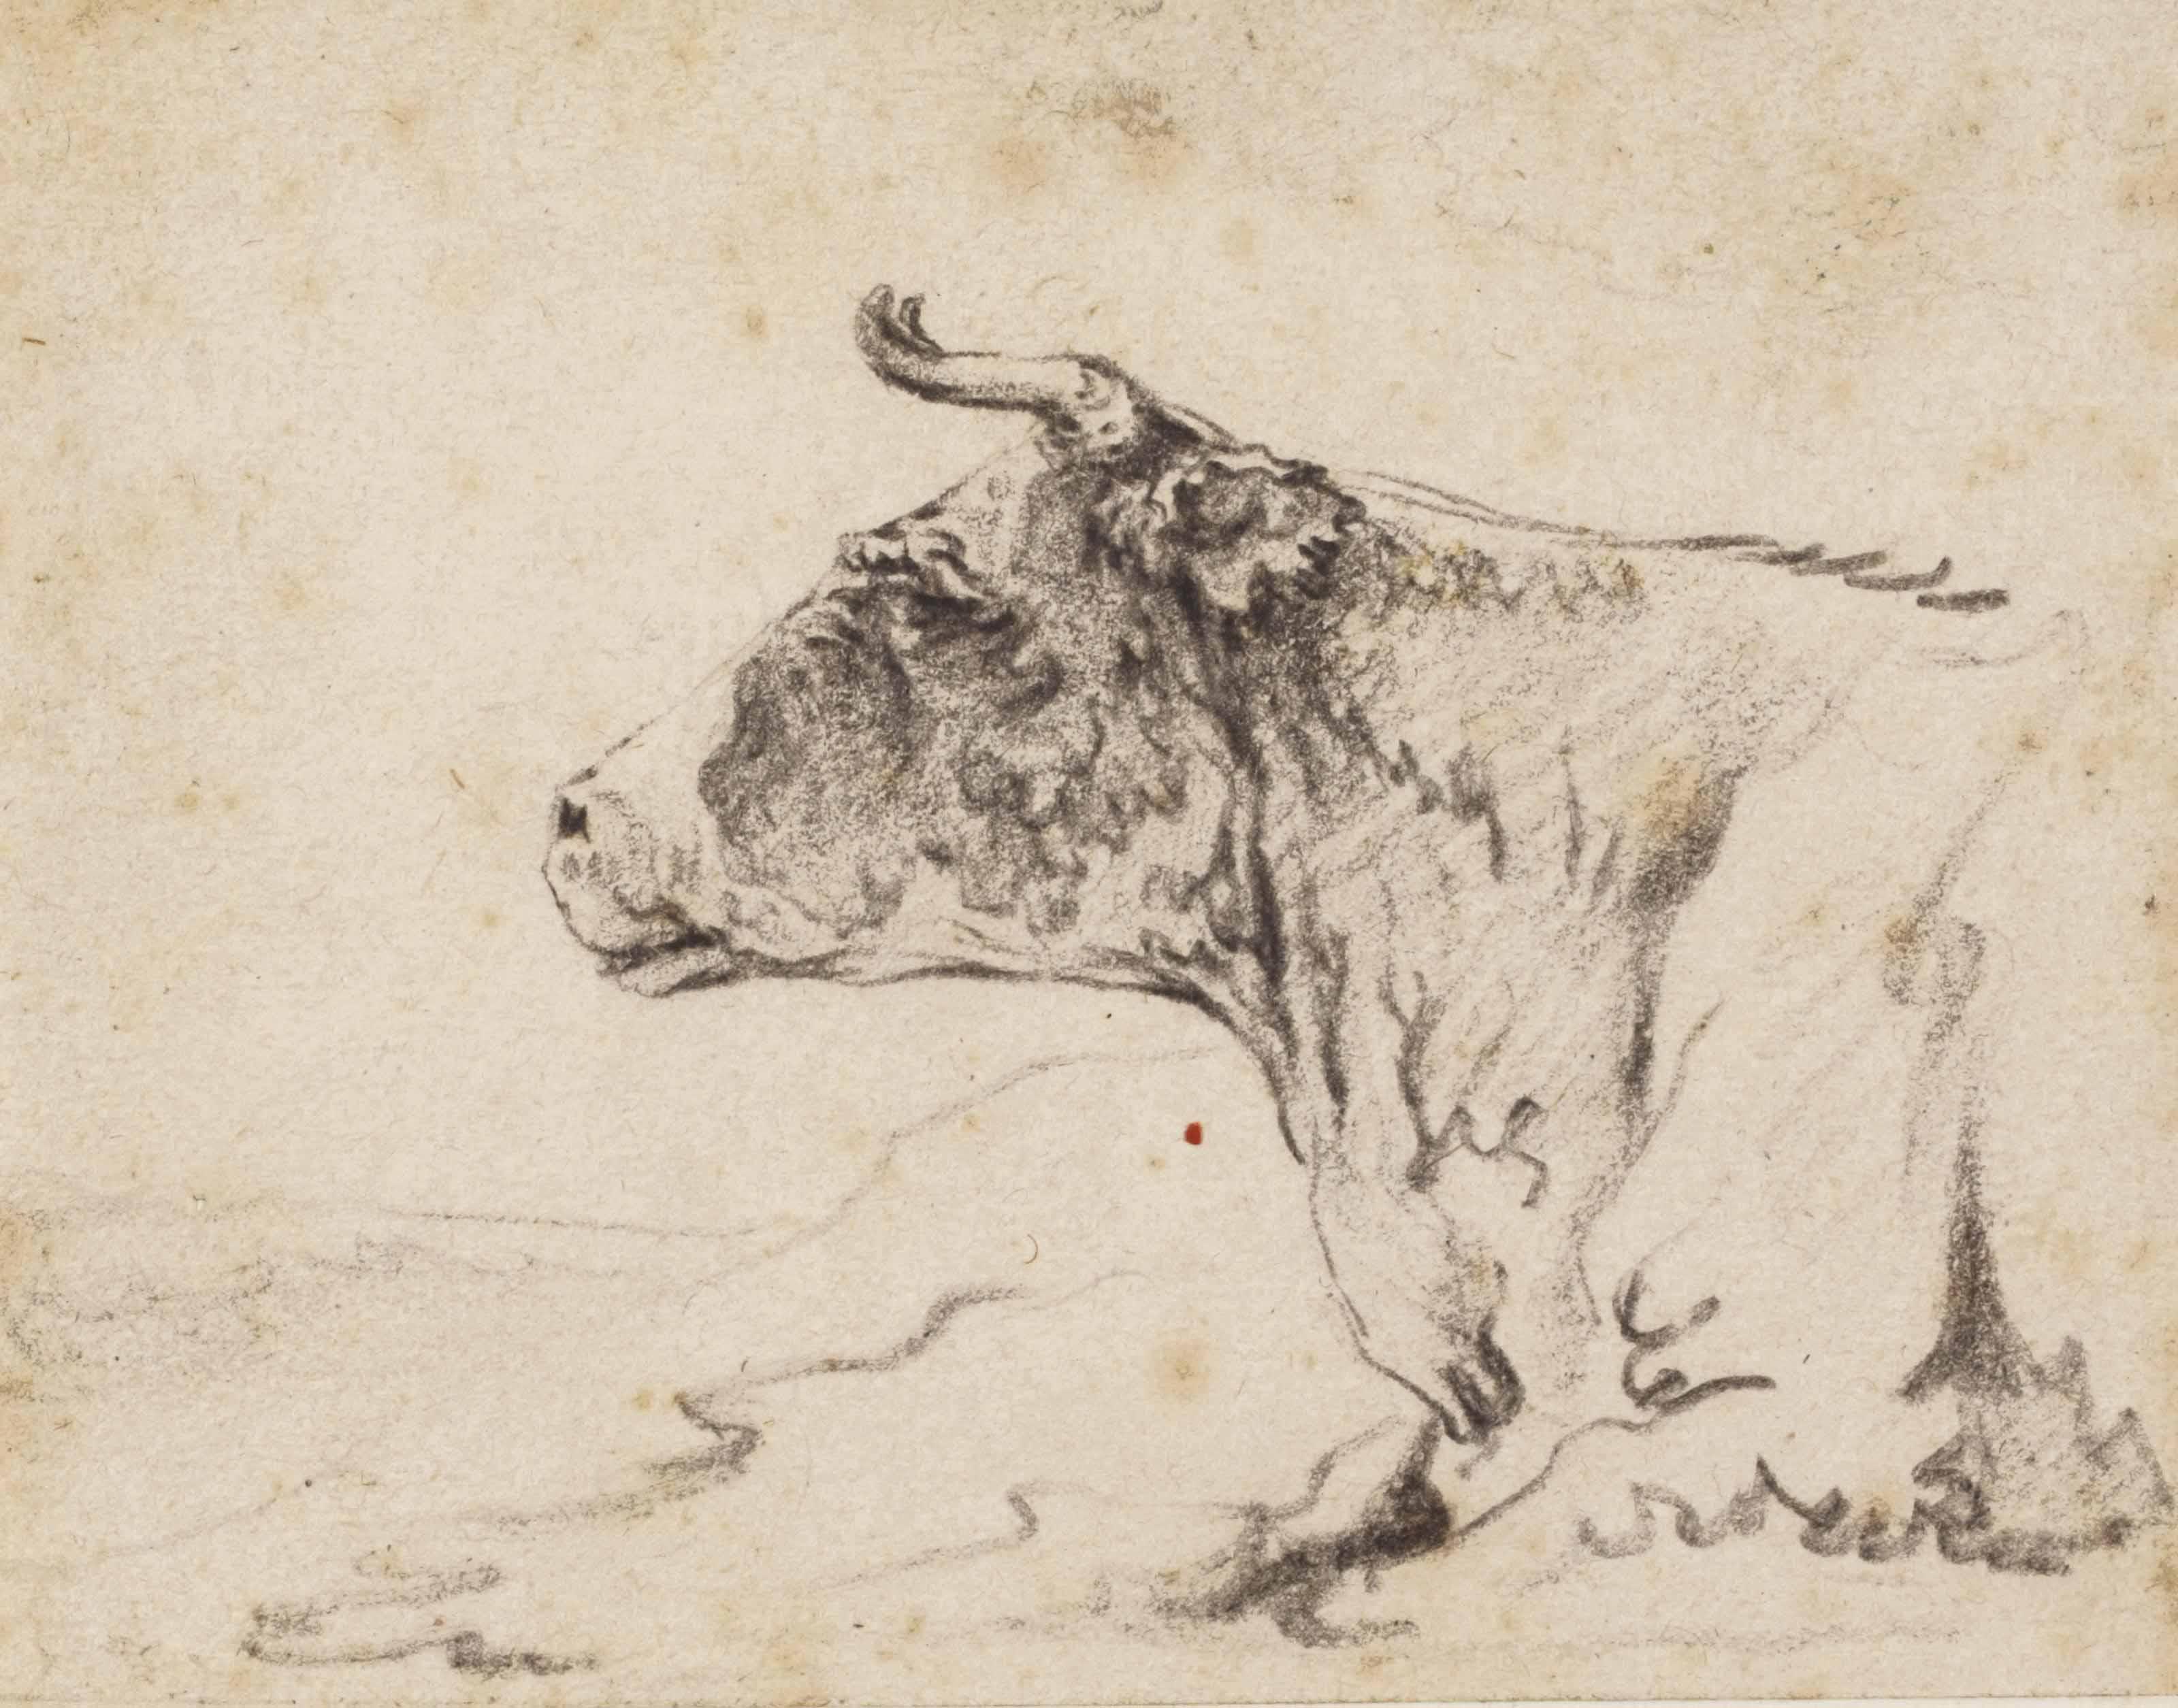 A recumbent cow